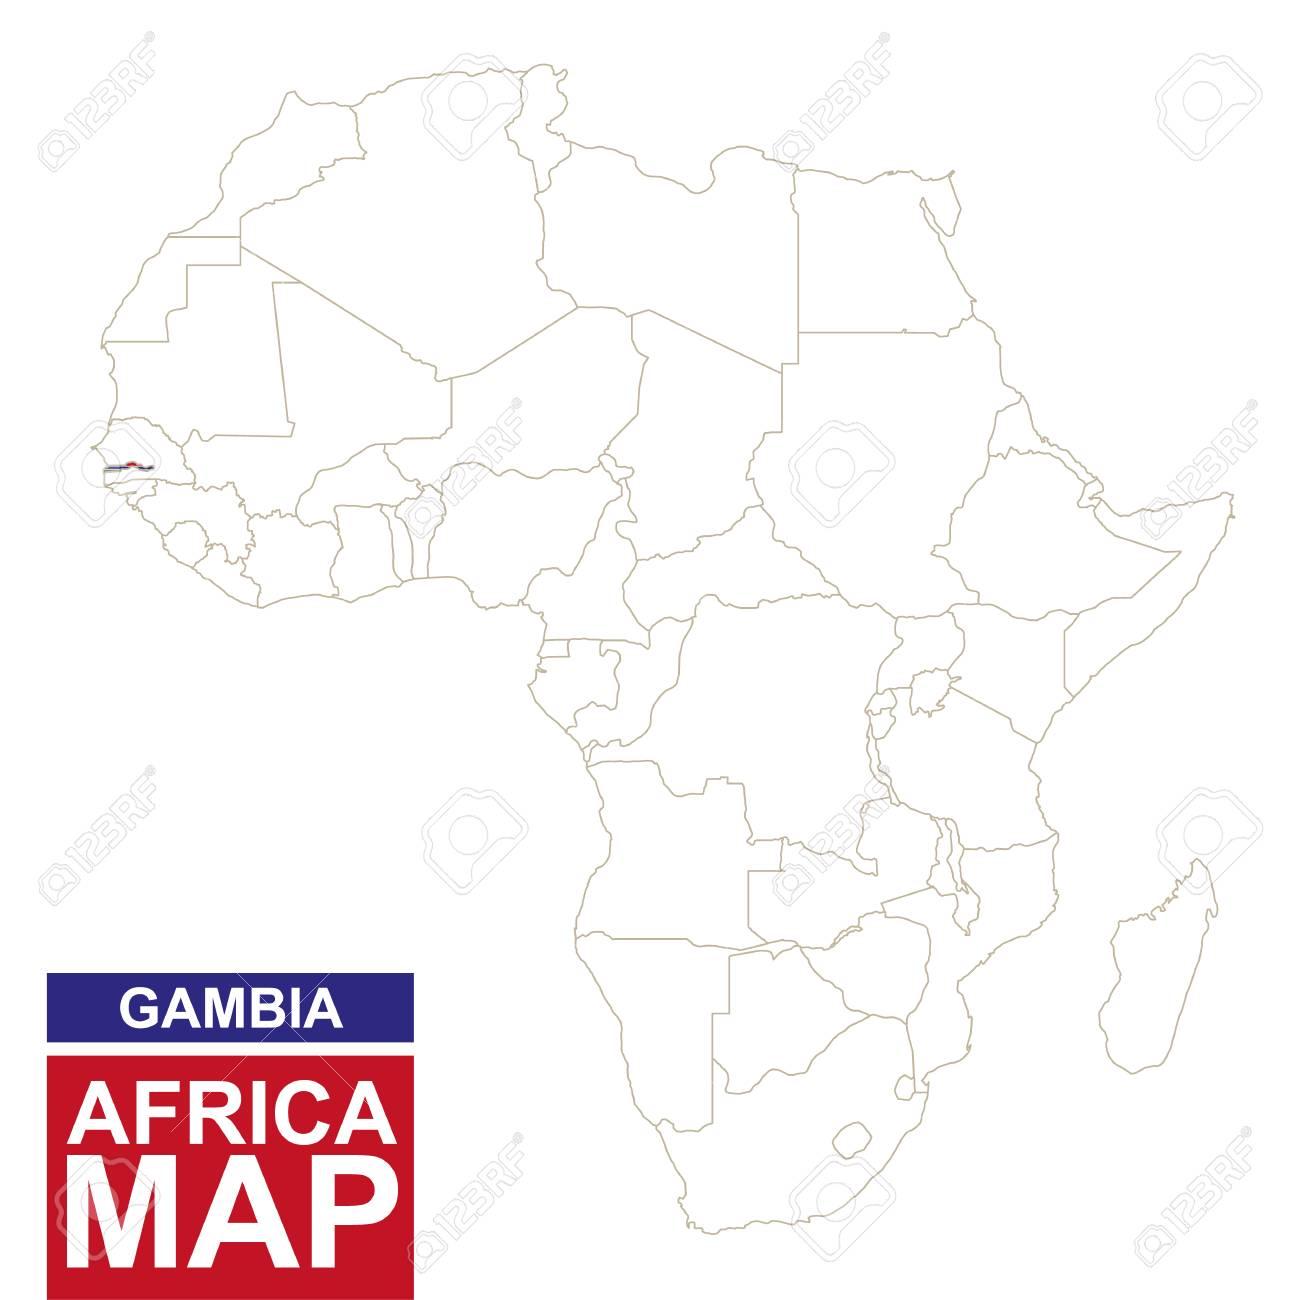 Mapa contorneada con frica gambia resaltado gambia mapa y la foto de archivo mapa contorneada con frica gambia resaltado gambia mapa y la bandera en el mapa de frica ilustracin del vector gumiabroncs Gallery